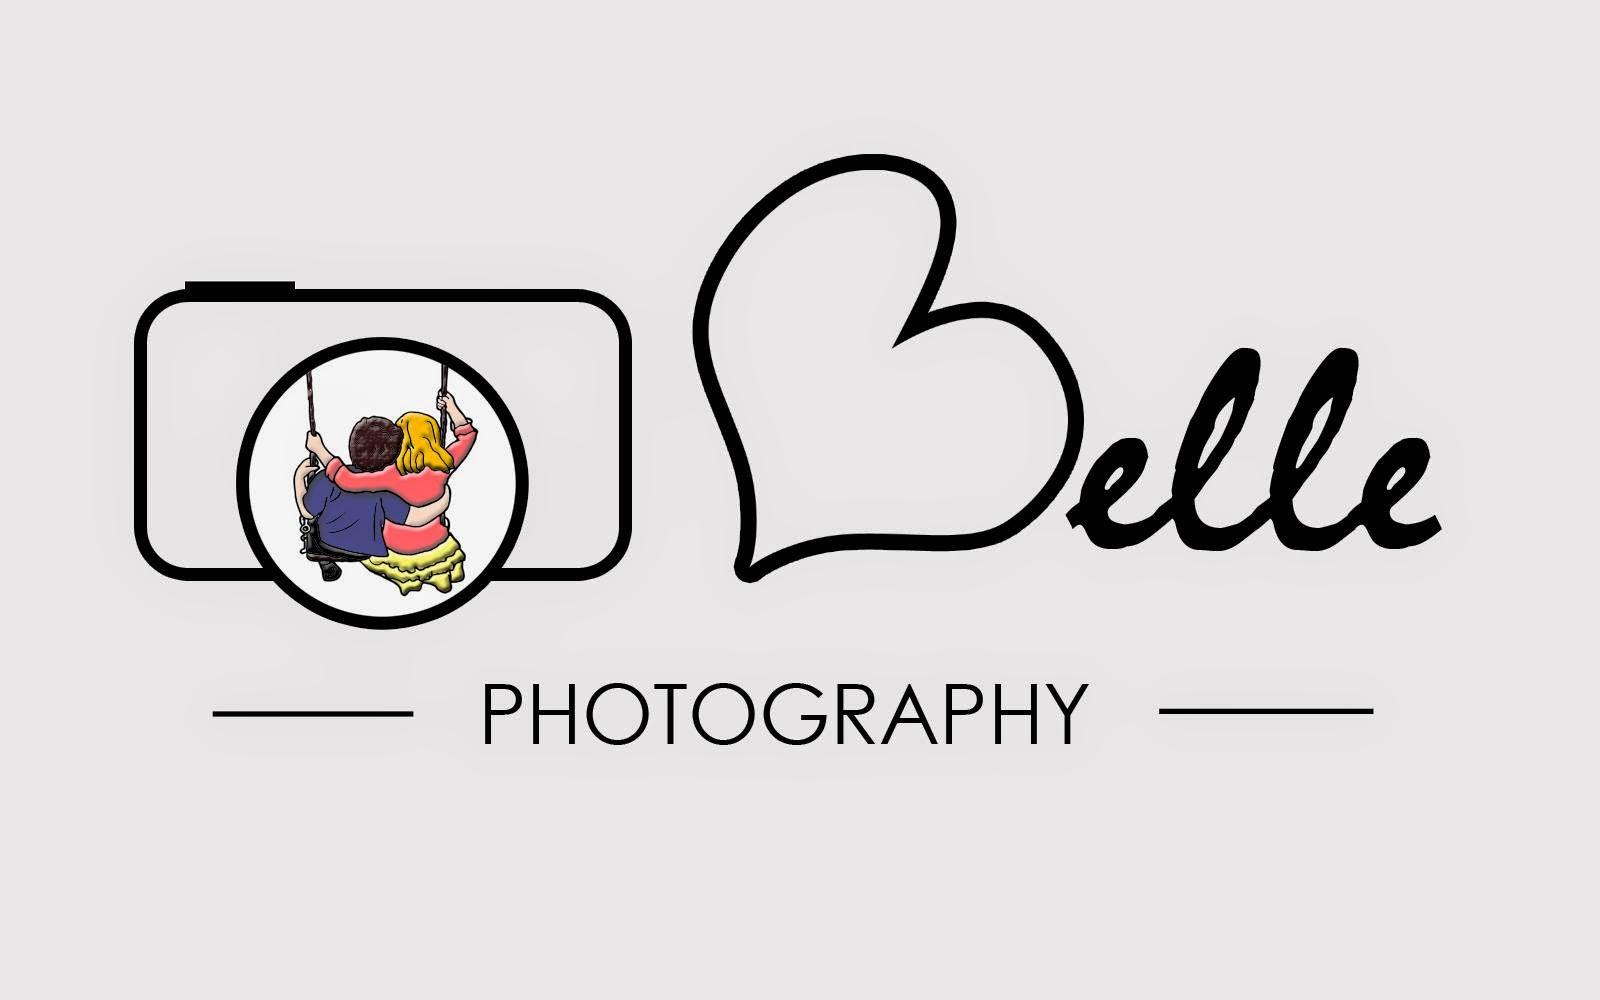 Belle Foto